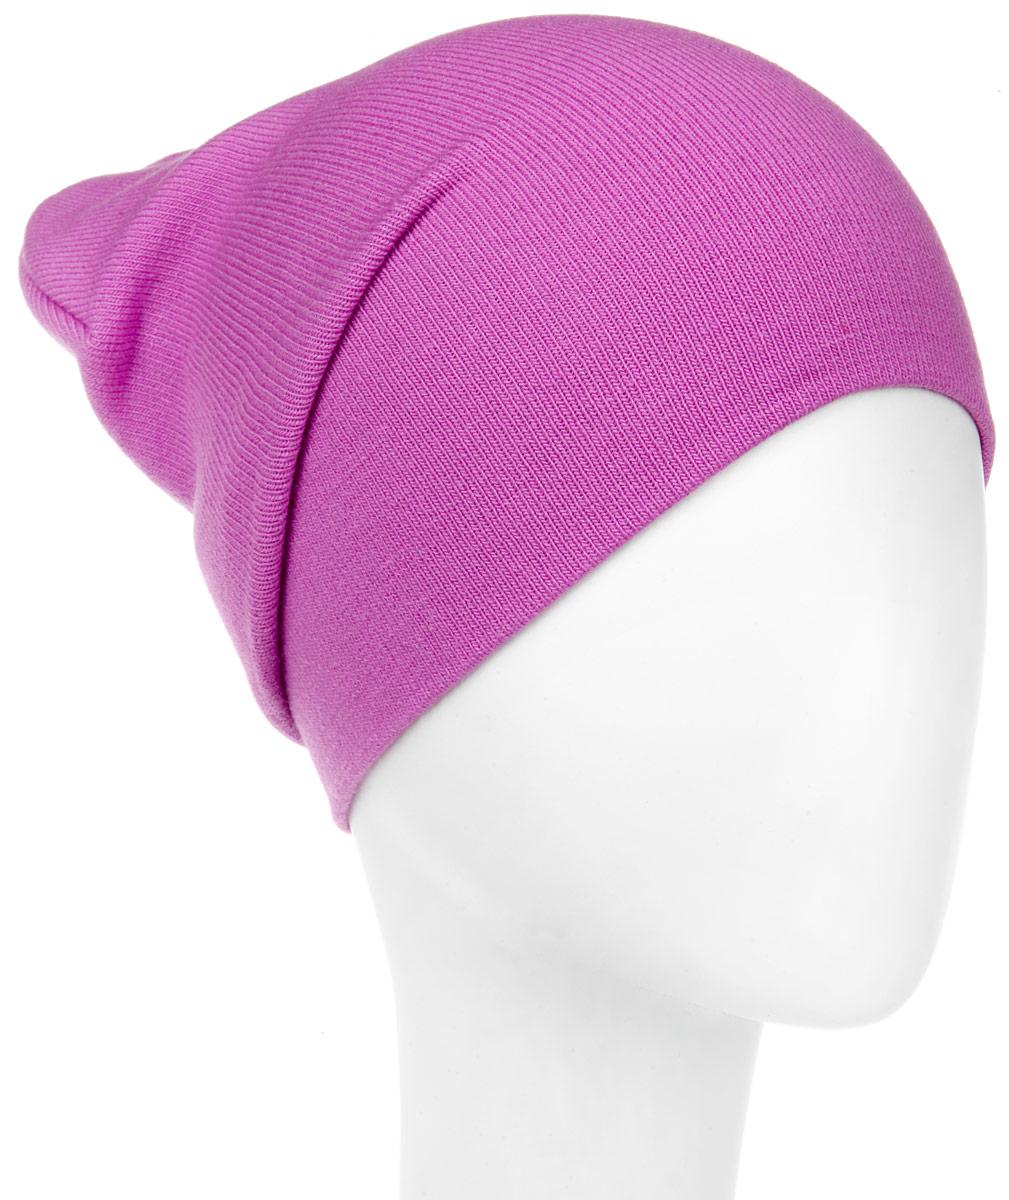 Шапка женская. MLH5706MLH5706_114Удлиненная женская шапка Marhatter отлично дополнит ваш образ в холодную погоду. Сочетание акрила и эластана максимально сохраняет тепло и обеспечивает удобную посадку, невероятную легкость и мягкость. Двухслойную шапку можно носить как с отворотом, так и без. Стильная шапка Marhatter подчеркнет ваш неповторимый стиль и индивидуальность. Такая модель будет актуальна как на спортивных мероприятиях, так и в повседневной жизни. Уважаемые клиенты! Размер, доступный для заказа, является обхватом головы.